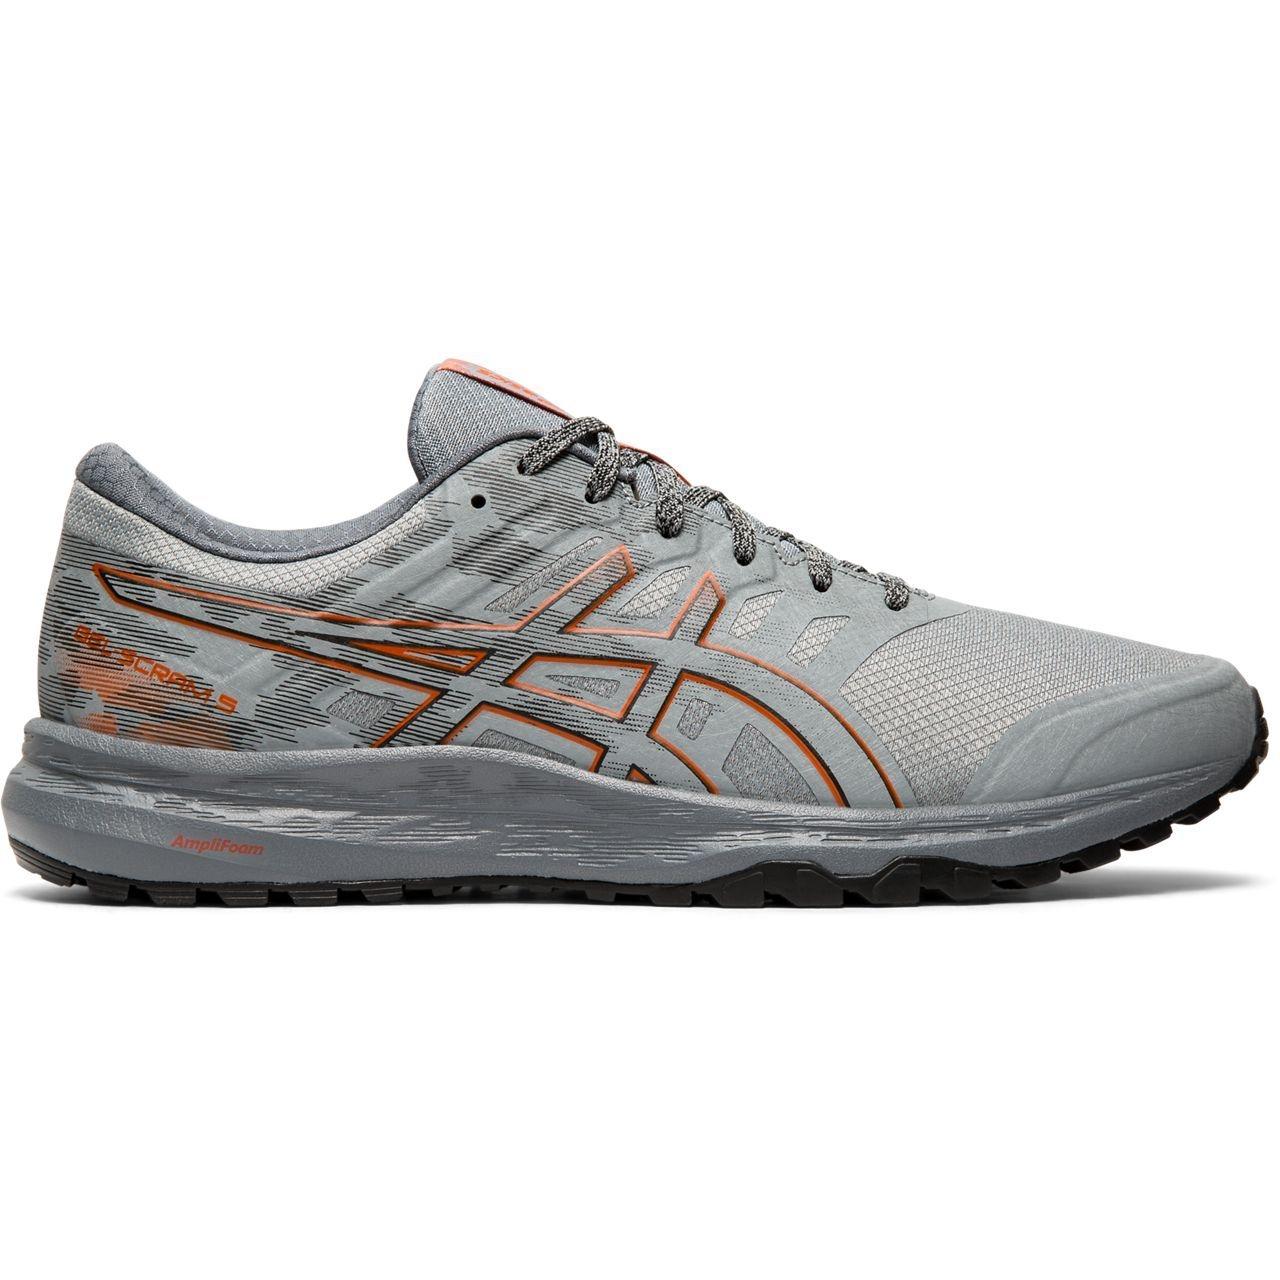 ASICS GEL-Scram 5 Shoe - Men's Trail